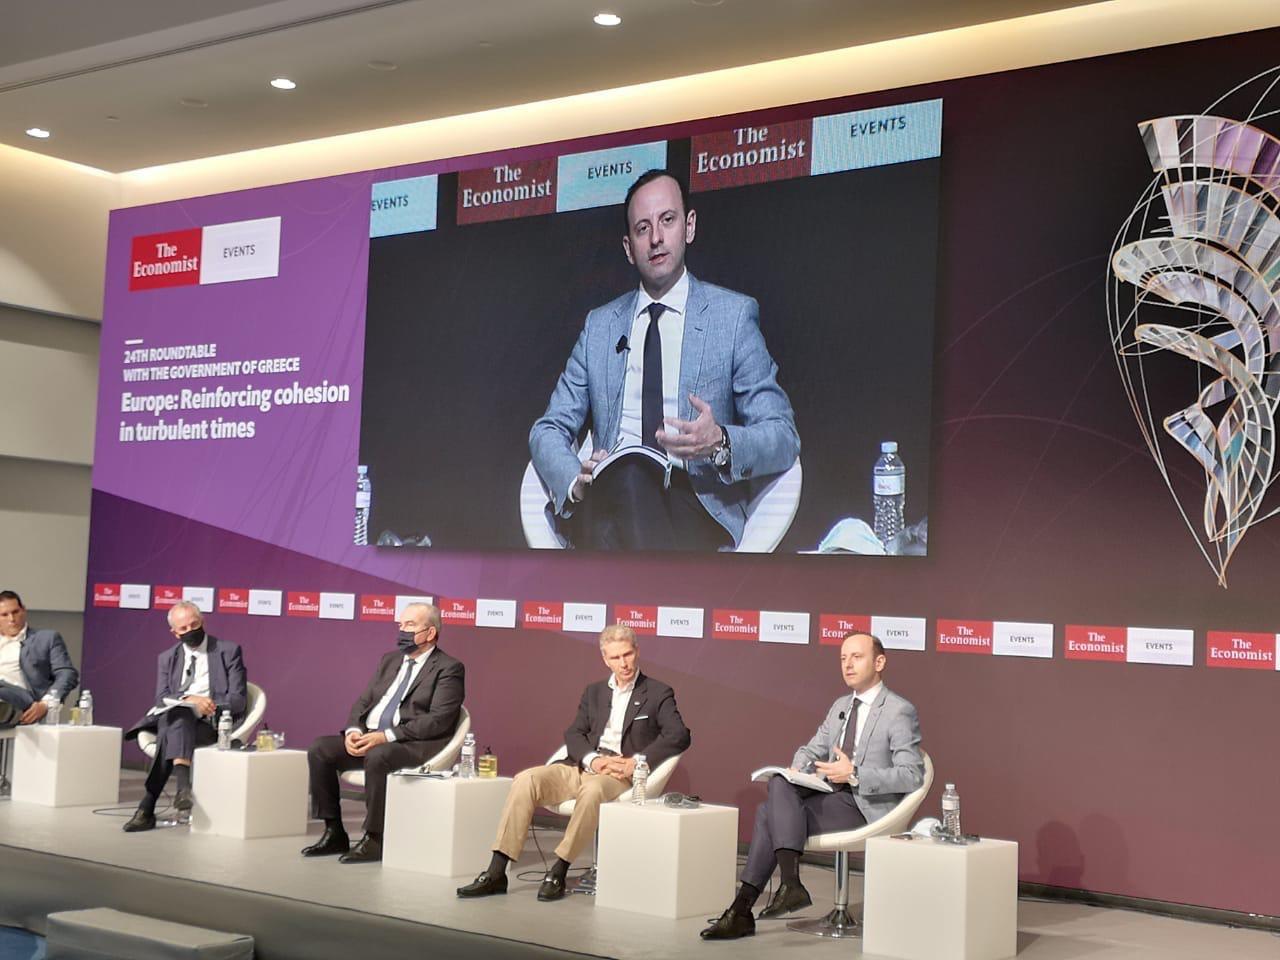 Συμμετοχή του Προέδρου της Enterprise Greece στο Συνέδριο του Economist